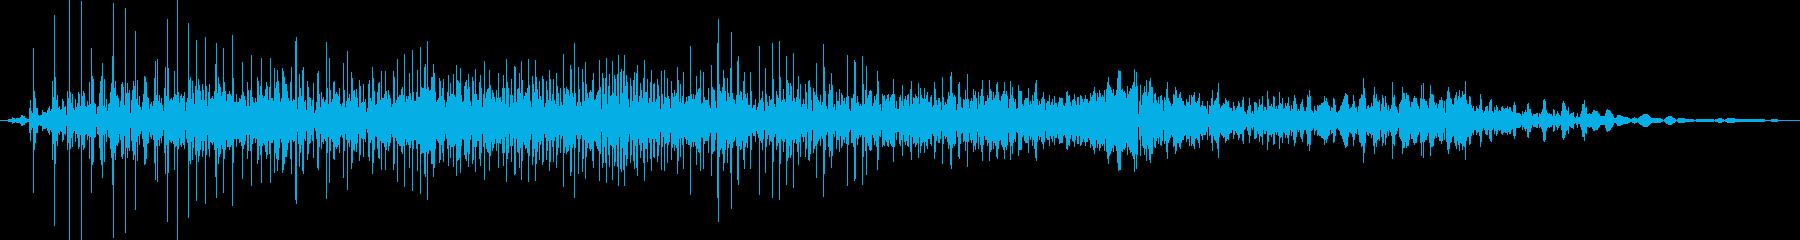 ジー(ジッパーの音※普通)の再生済みの波形